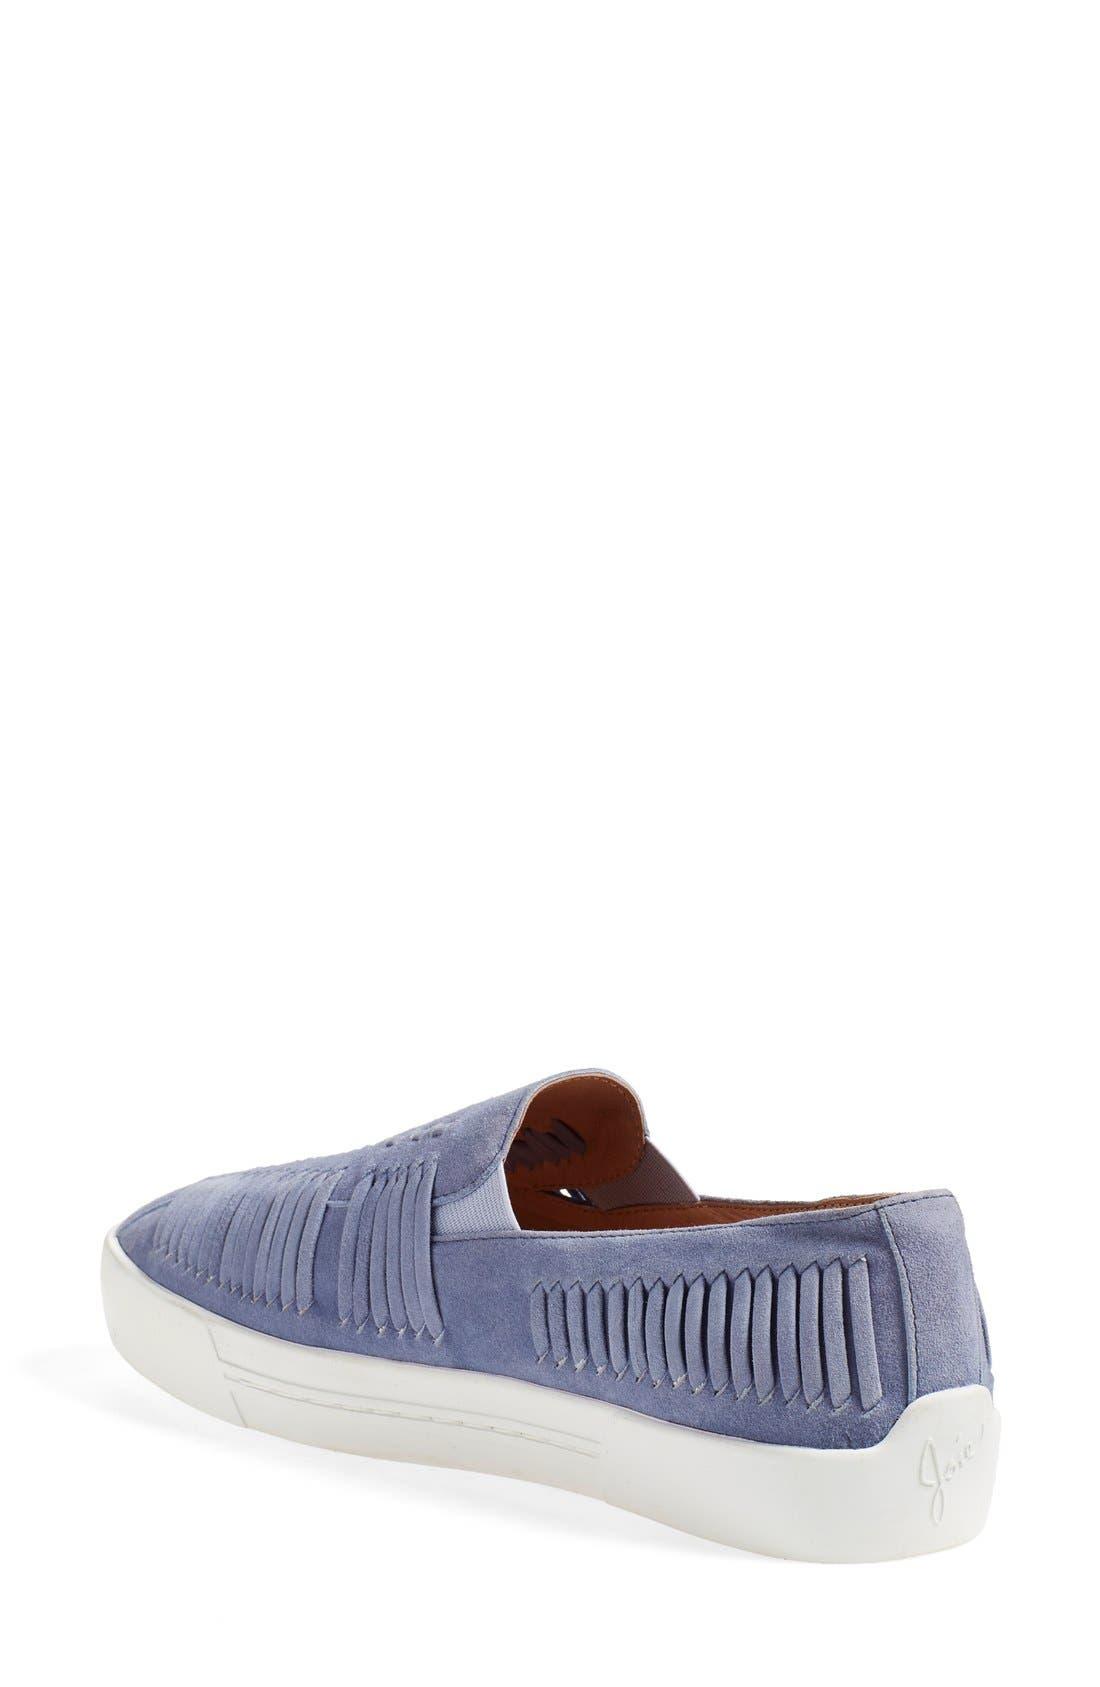 Alternate Image 2  - Joie 'Huxley' Slip-On Sneaker (Women)